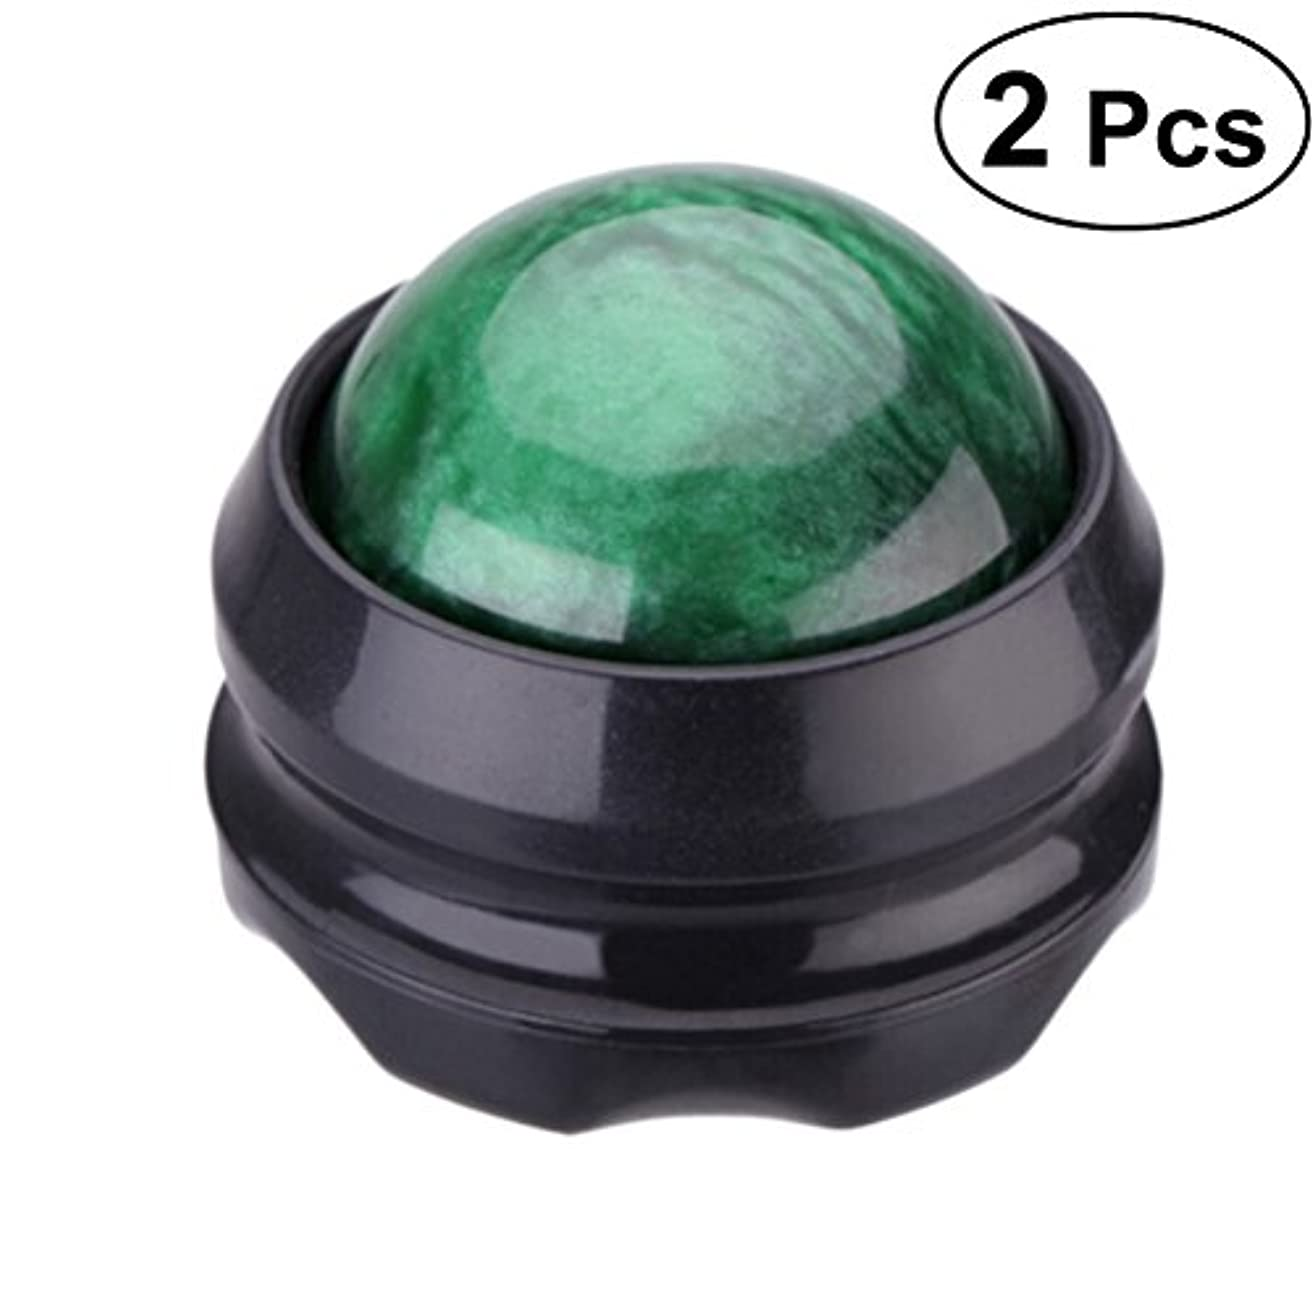 まっすぐにするデッキ錫Healifty マッサージ ボール リラックスボール ローラー  足 ほぐし 健康器具 血行促進 頭痛 浮腫み解消 疲労回復 360度回転 2個入(緑)